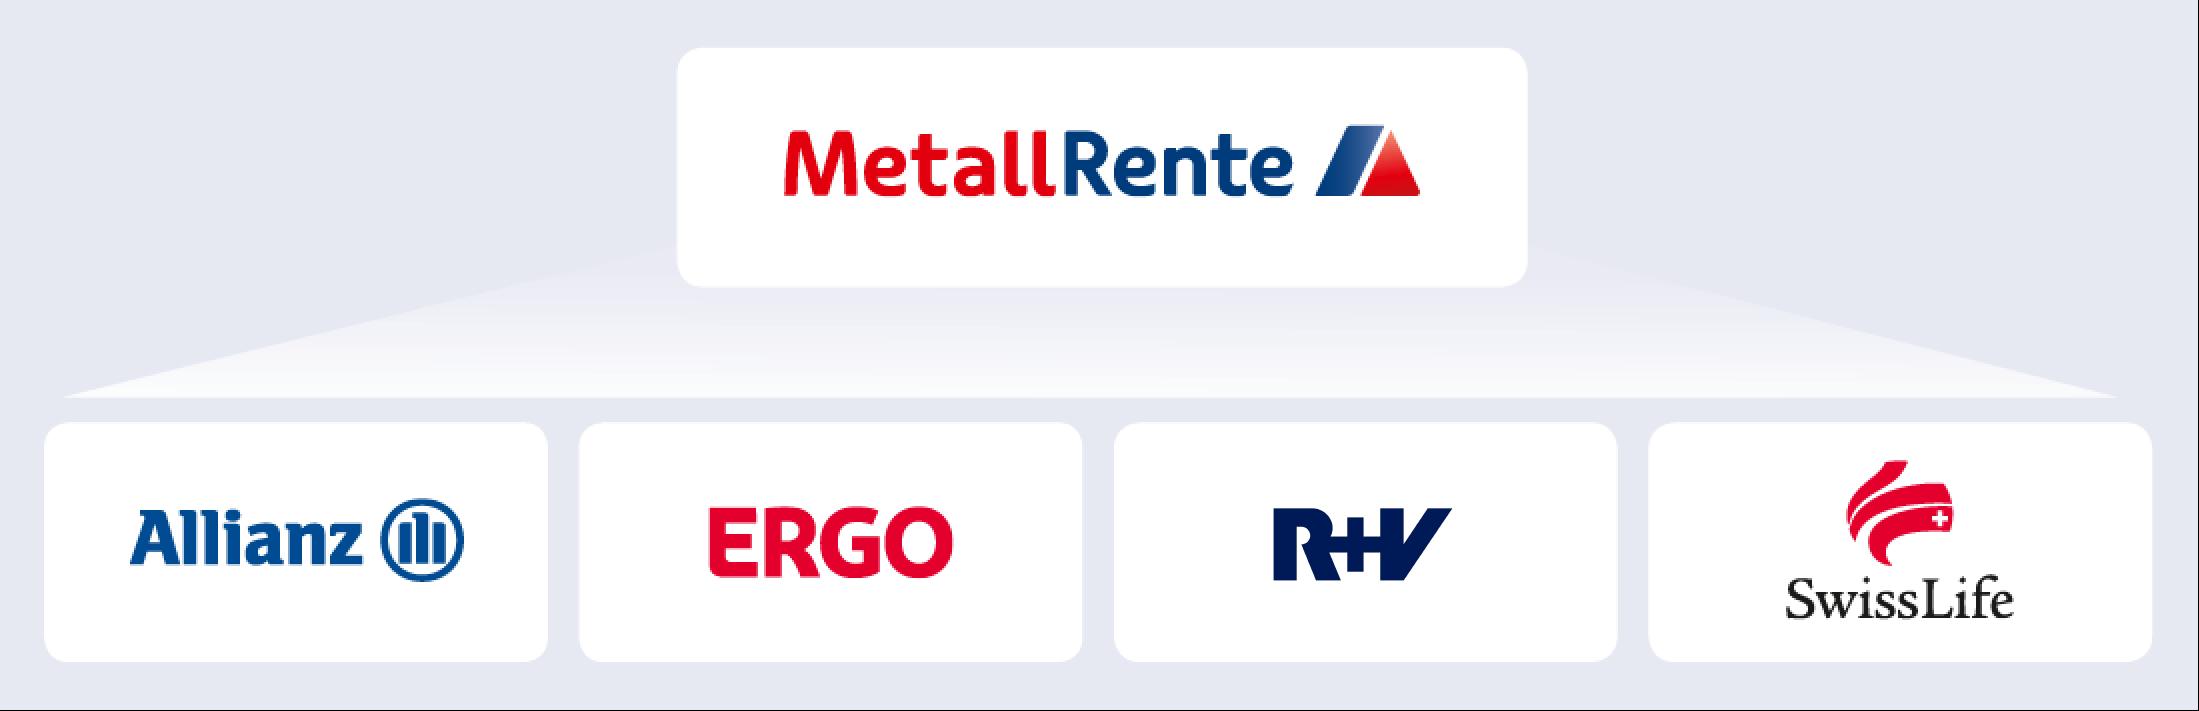 Metall Renten Berufsunfähigkeitsversicherung